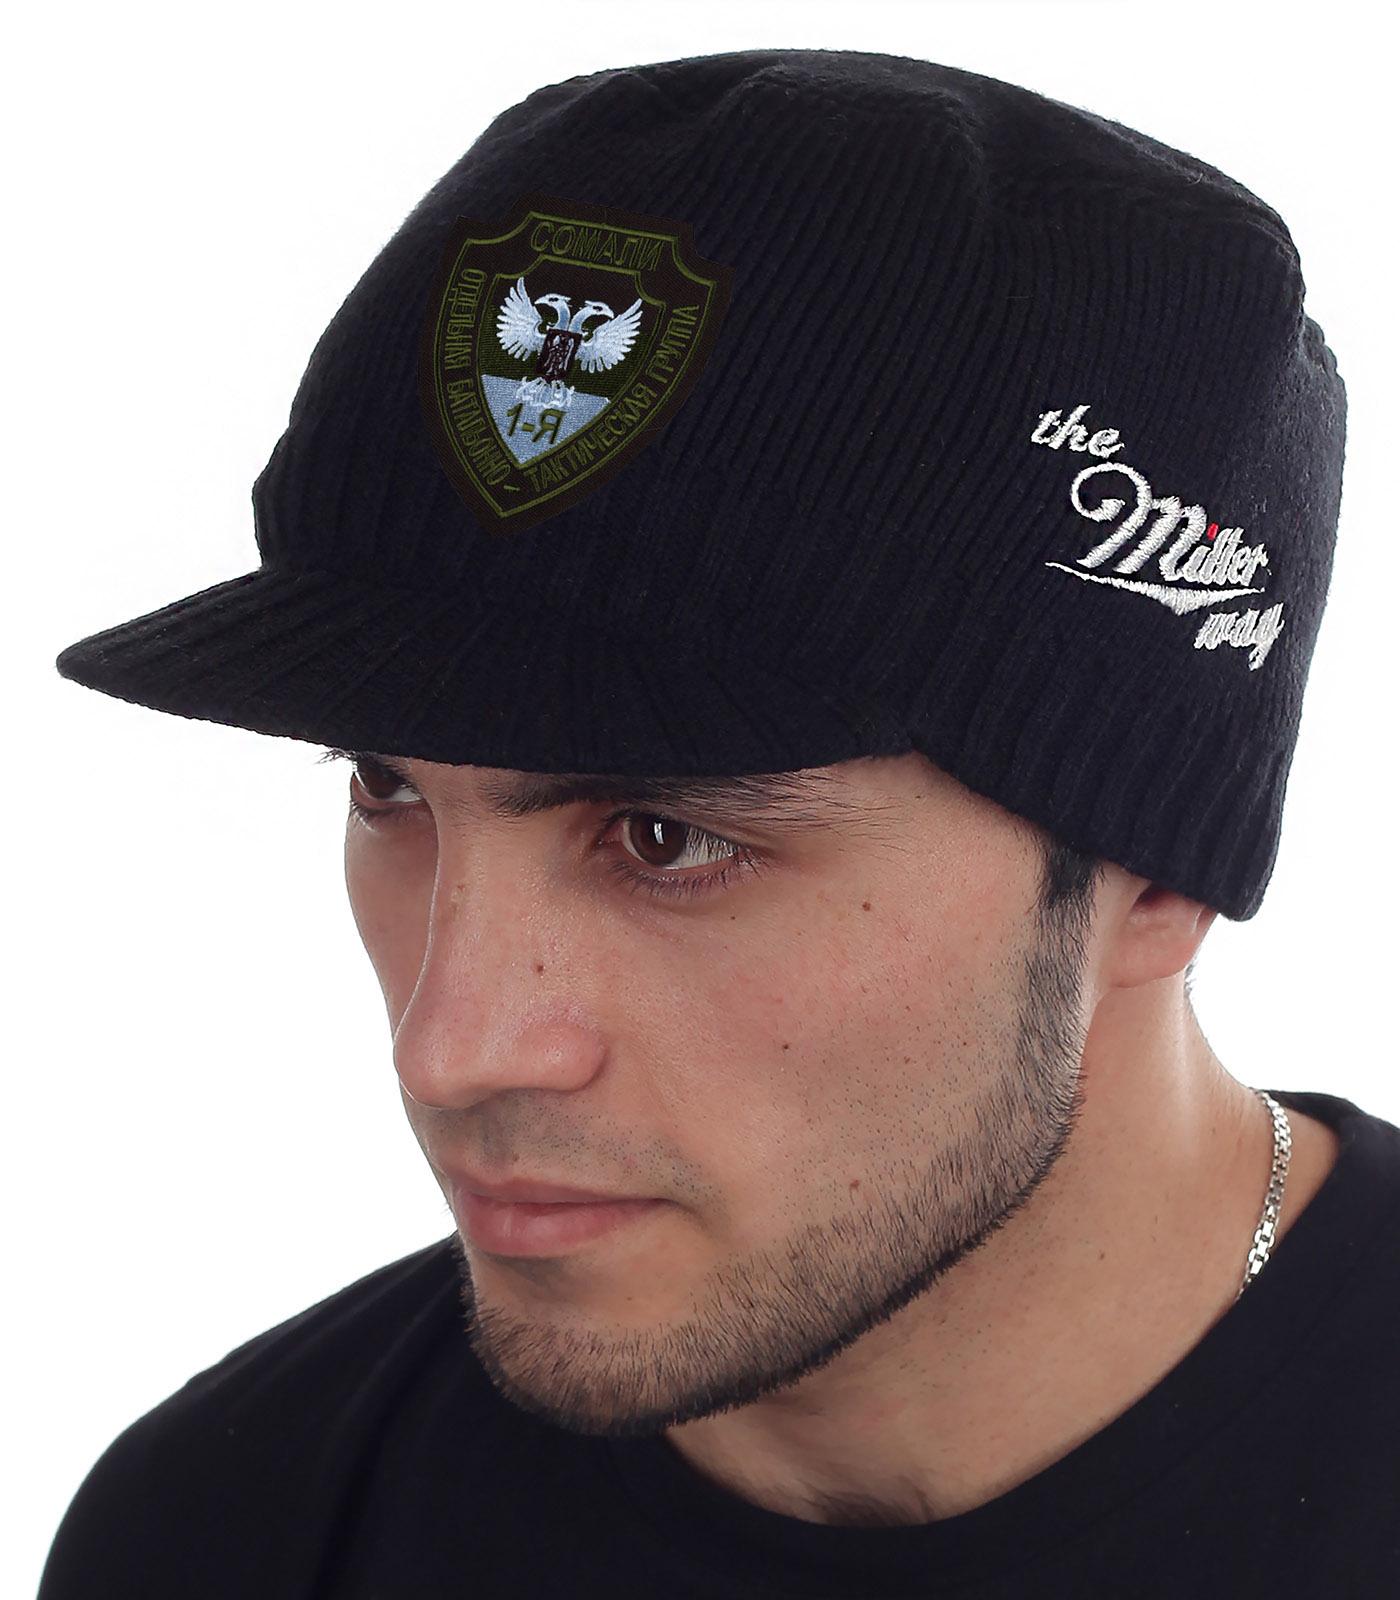 Стильная кепка-шапка Miller Way с нашивкой Группа Сомали - заказать оптом